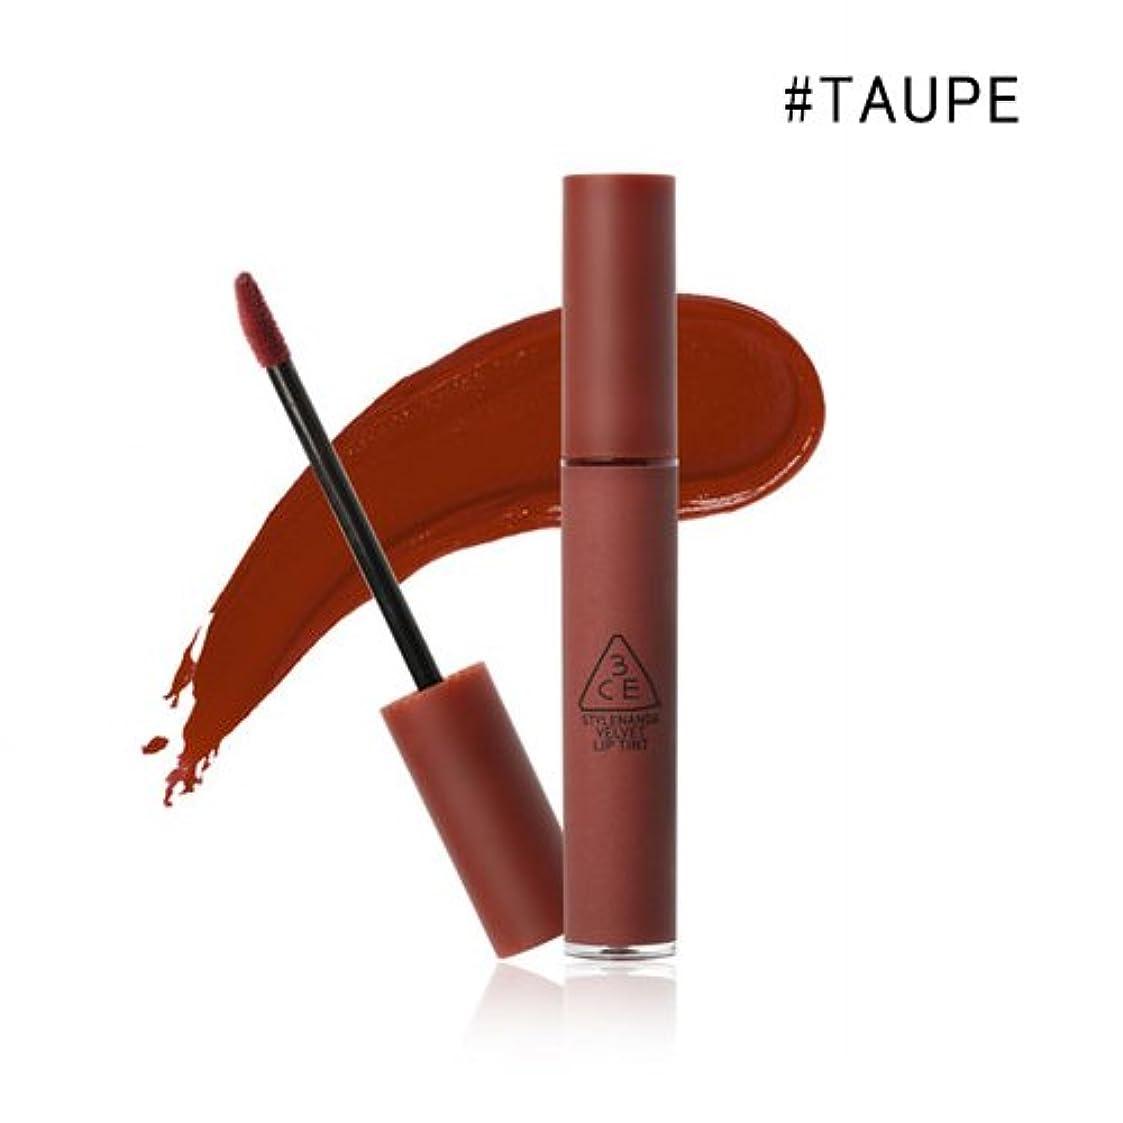 絶望的な長くする偽物3CE VELVET LIP TINT / ベルベット リップティント (4.0g) (#TAUPE)